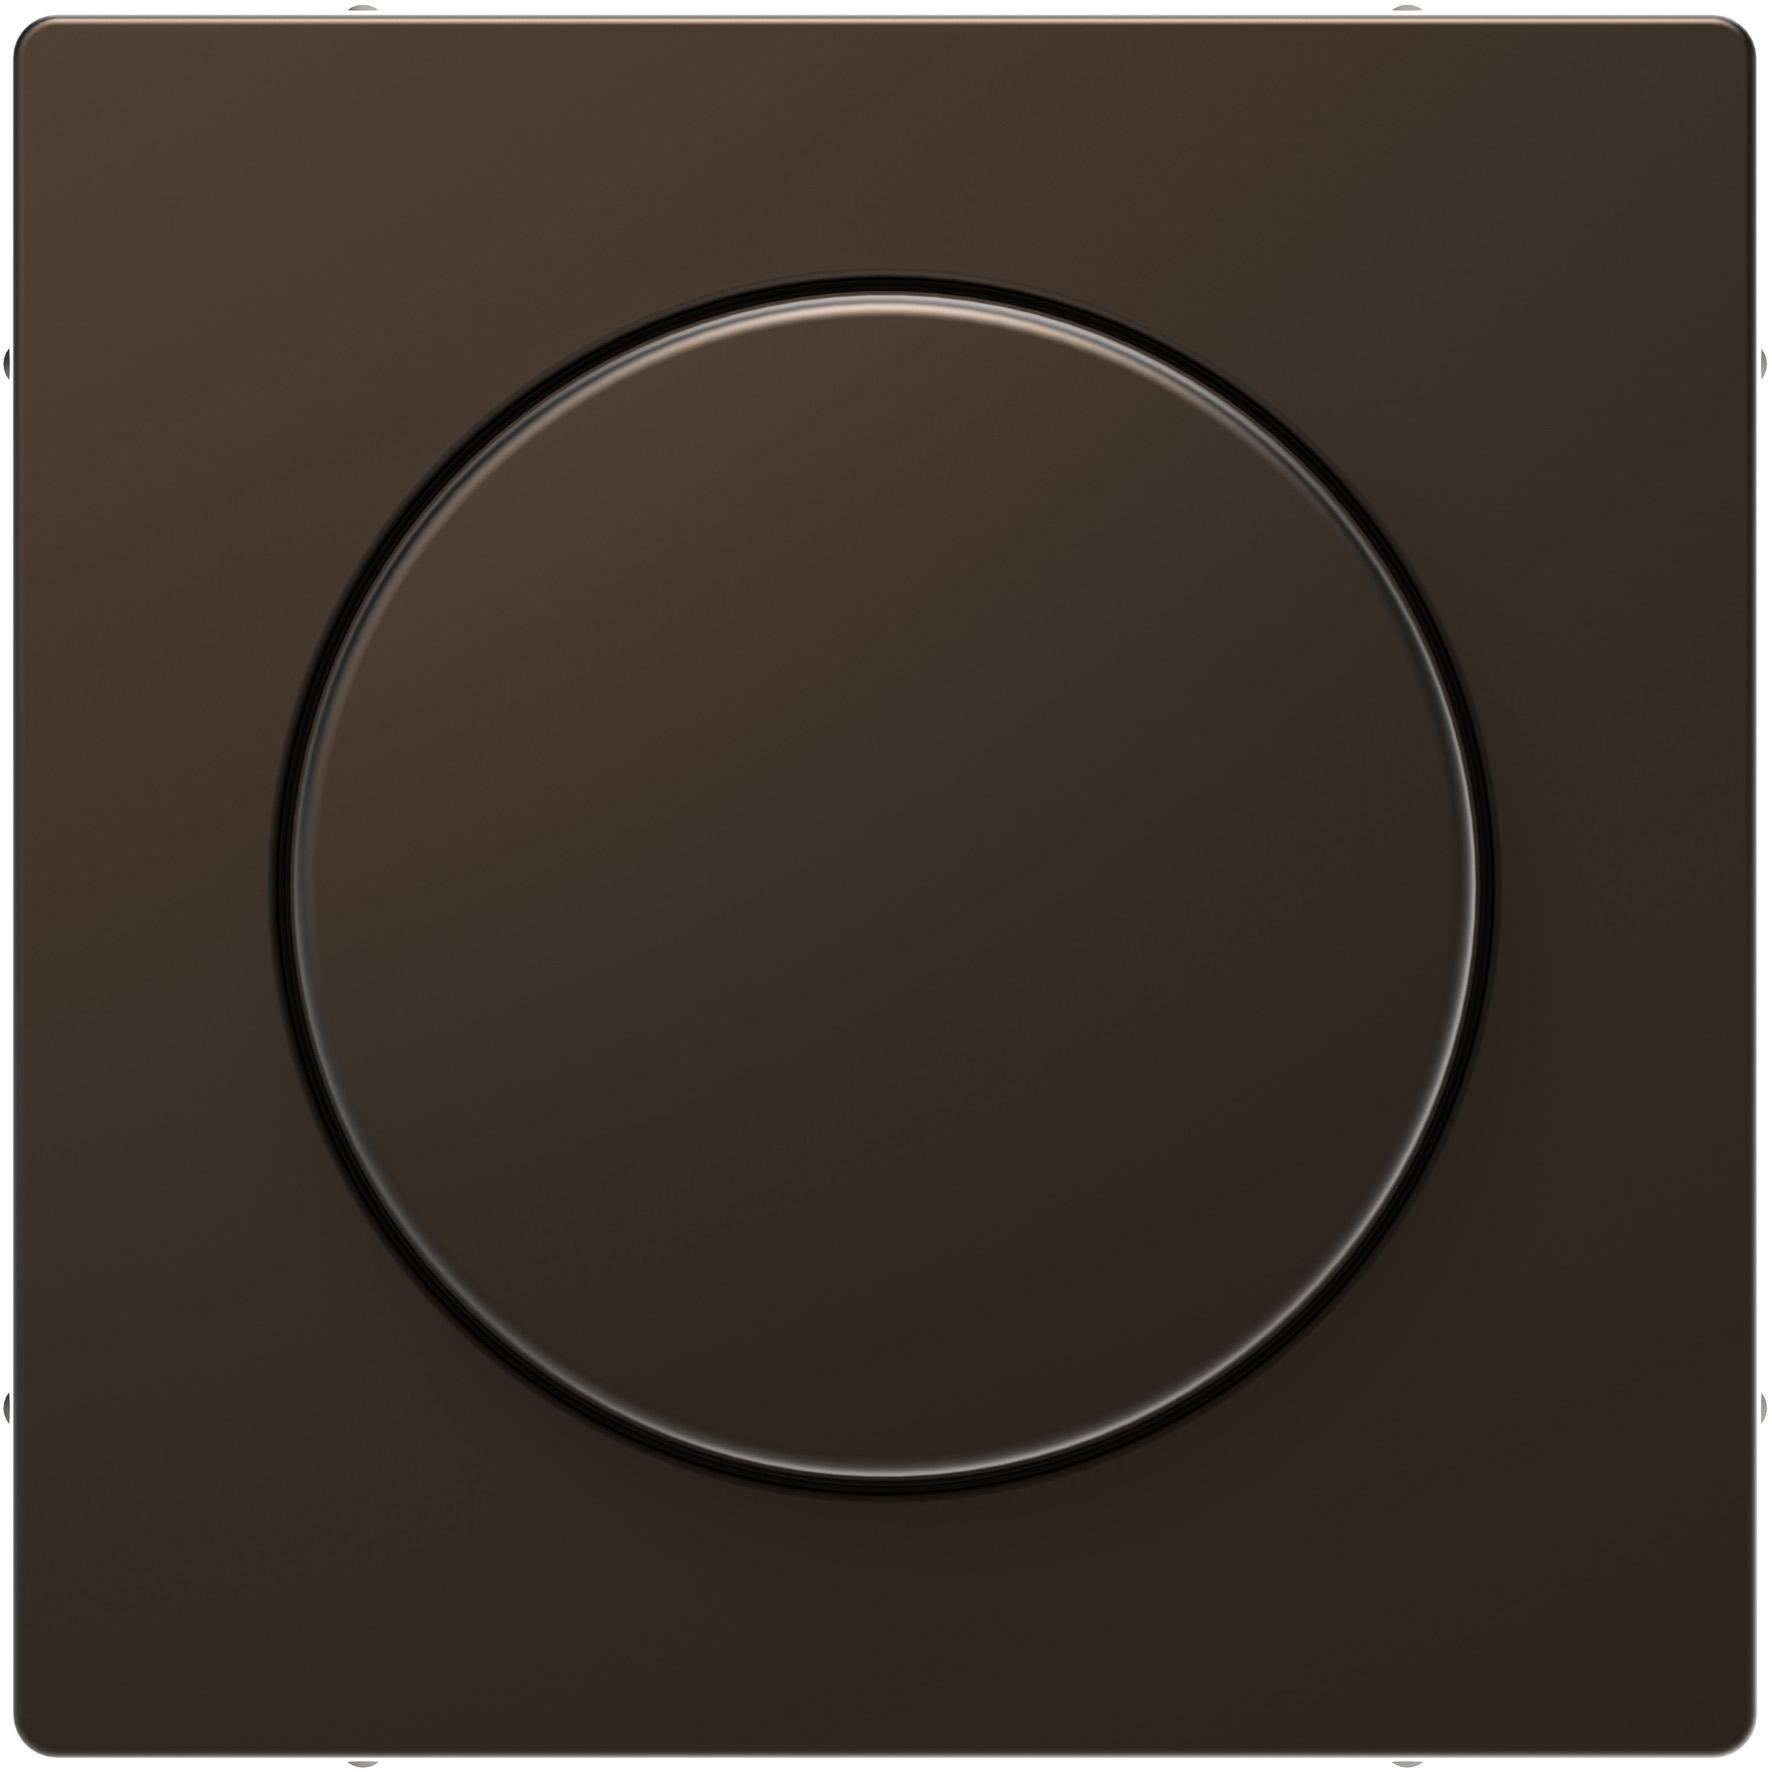 Schneider-Merten D Life centraalplaat met draaiknop - mocca metallic (MTN5250-6052)